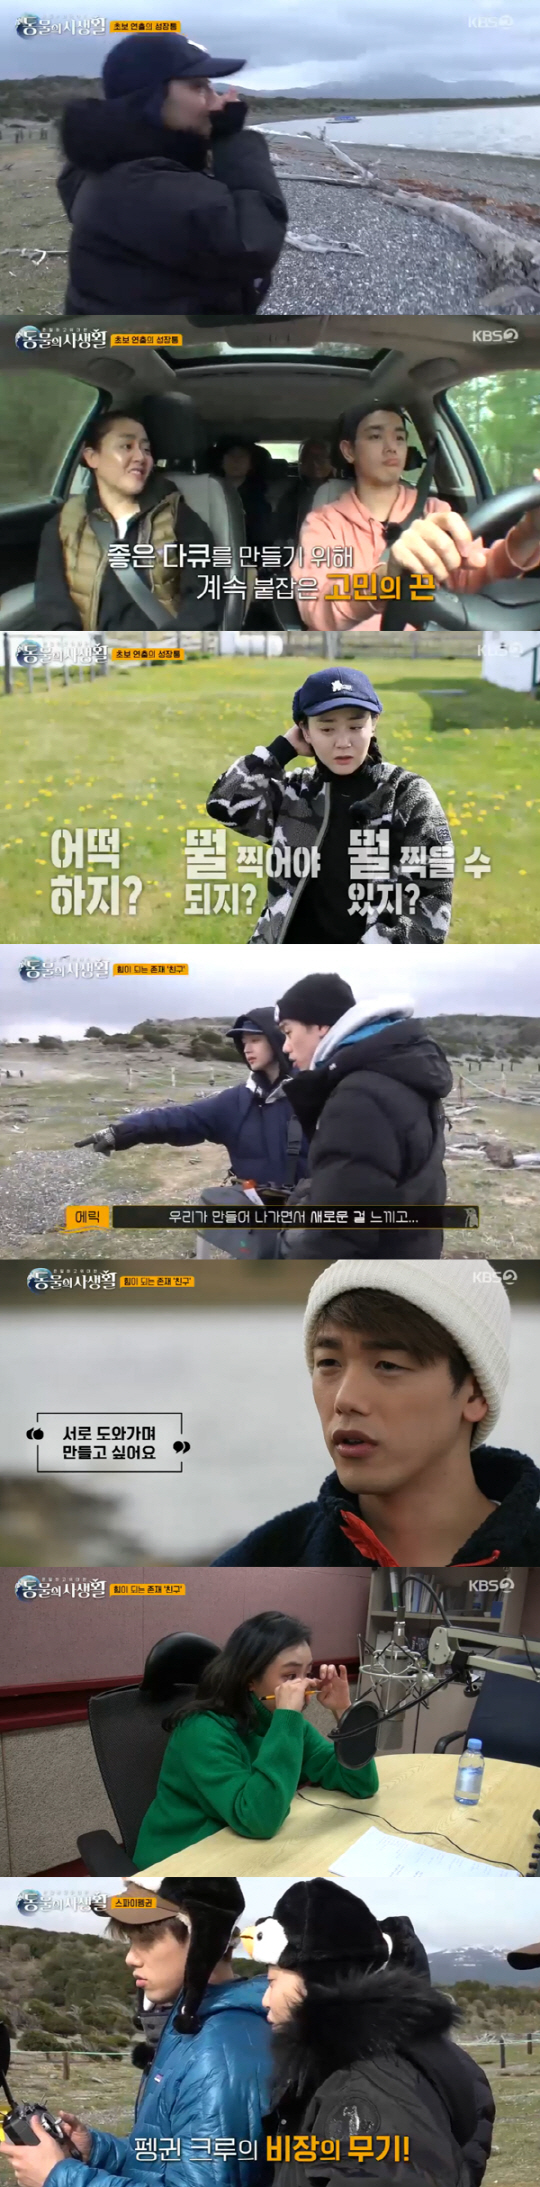 [종합]'동물의 사생활' 문근영X김혜성X에릭남, 펭귄VS도둑갈매기 전...